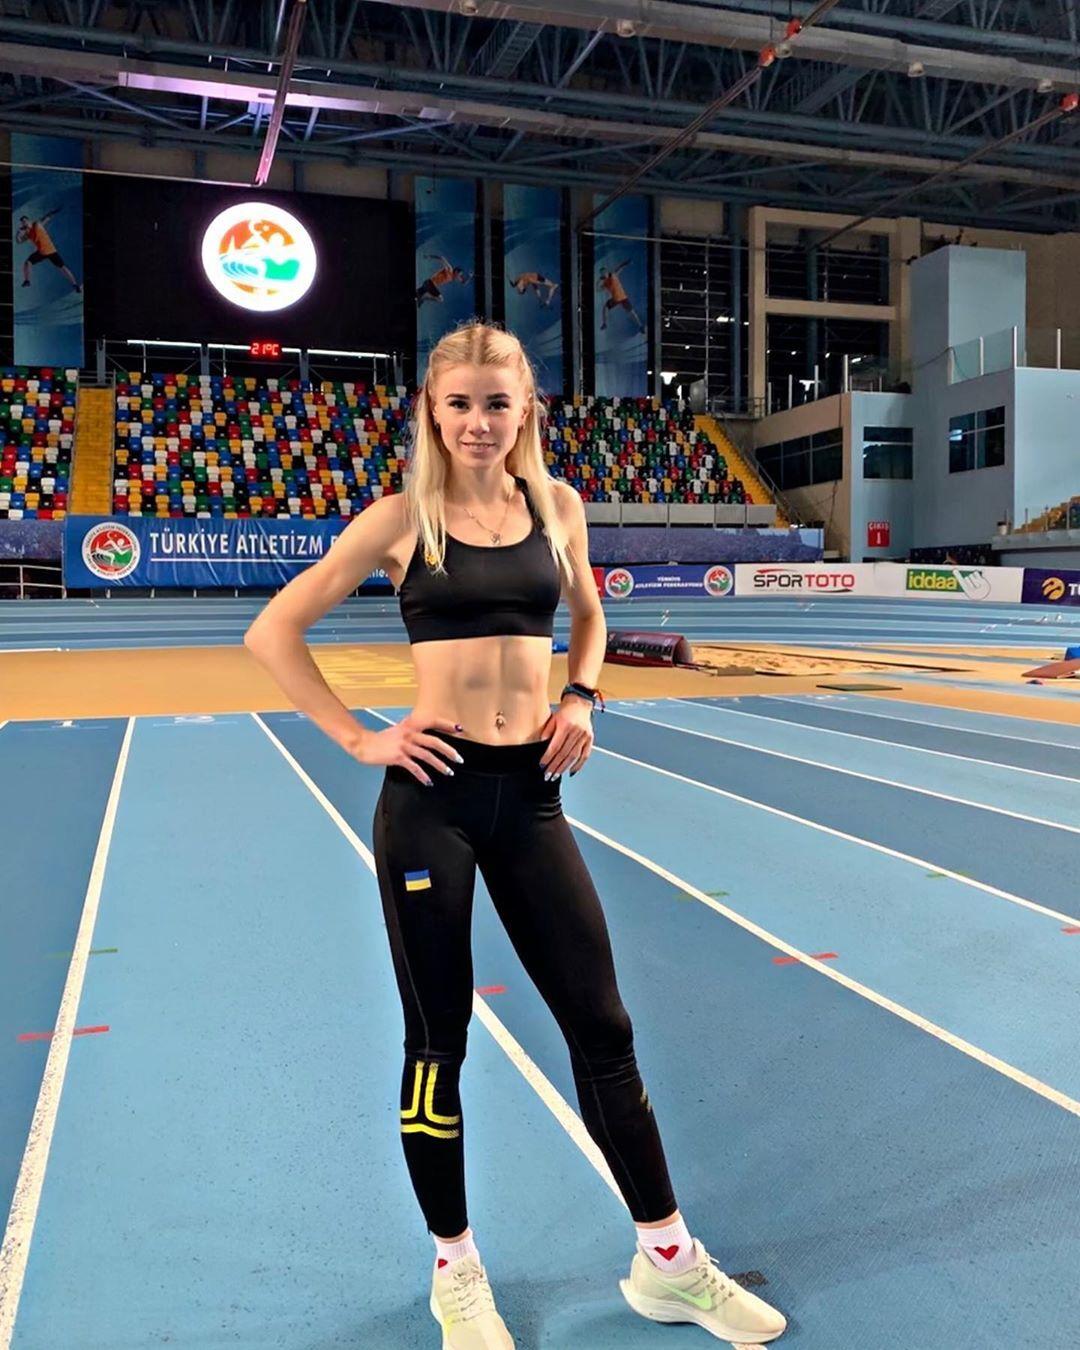 18-летняя чемпионка Украины Мария Буряк поразила своей красотой | Другие  виды спорта | OBOZREVATEL